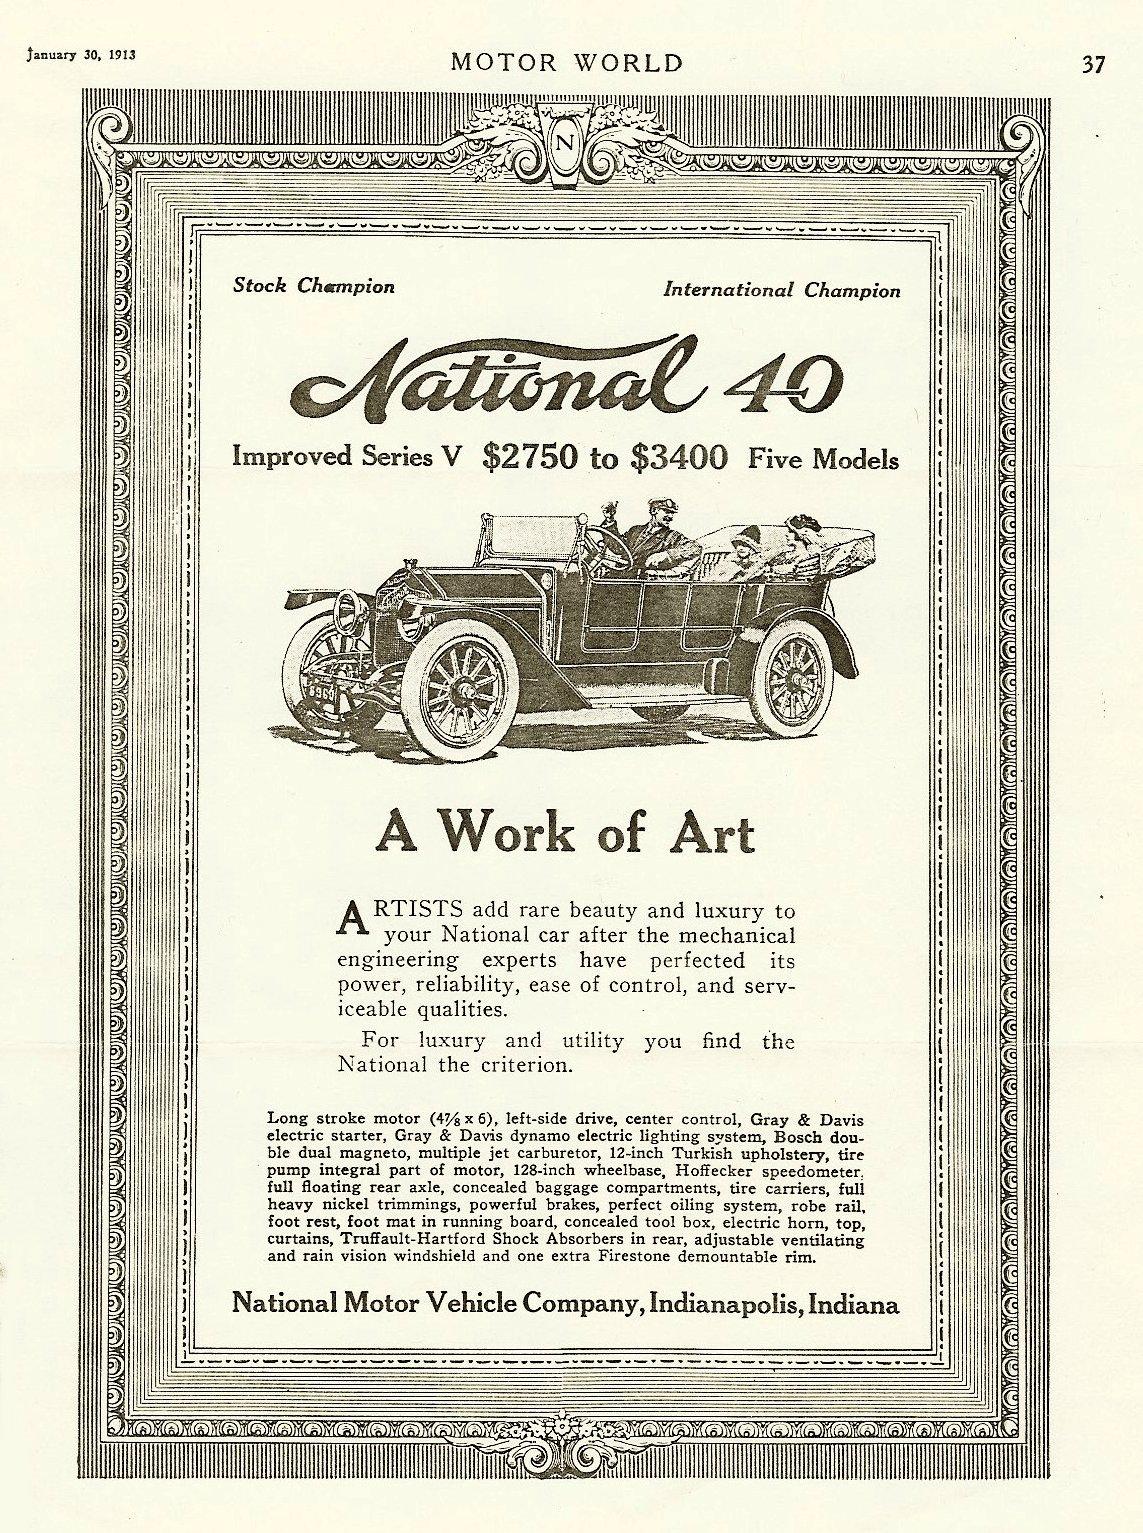 1913 1 30 NATIONAL Stock Champion International Champion MOTOR WORLD January 30, 1913 8″x11″ page 37